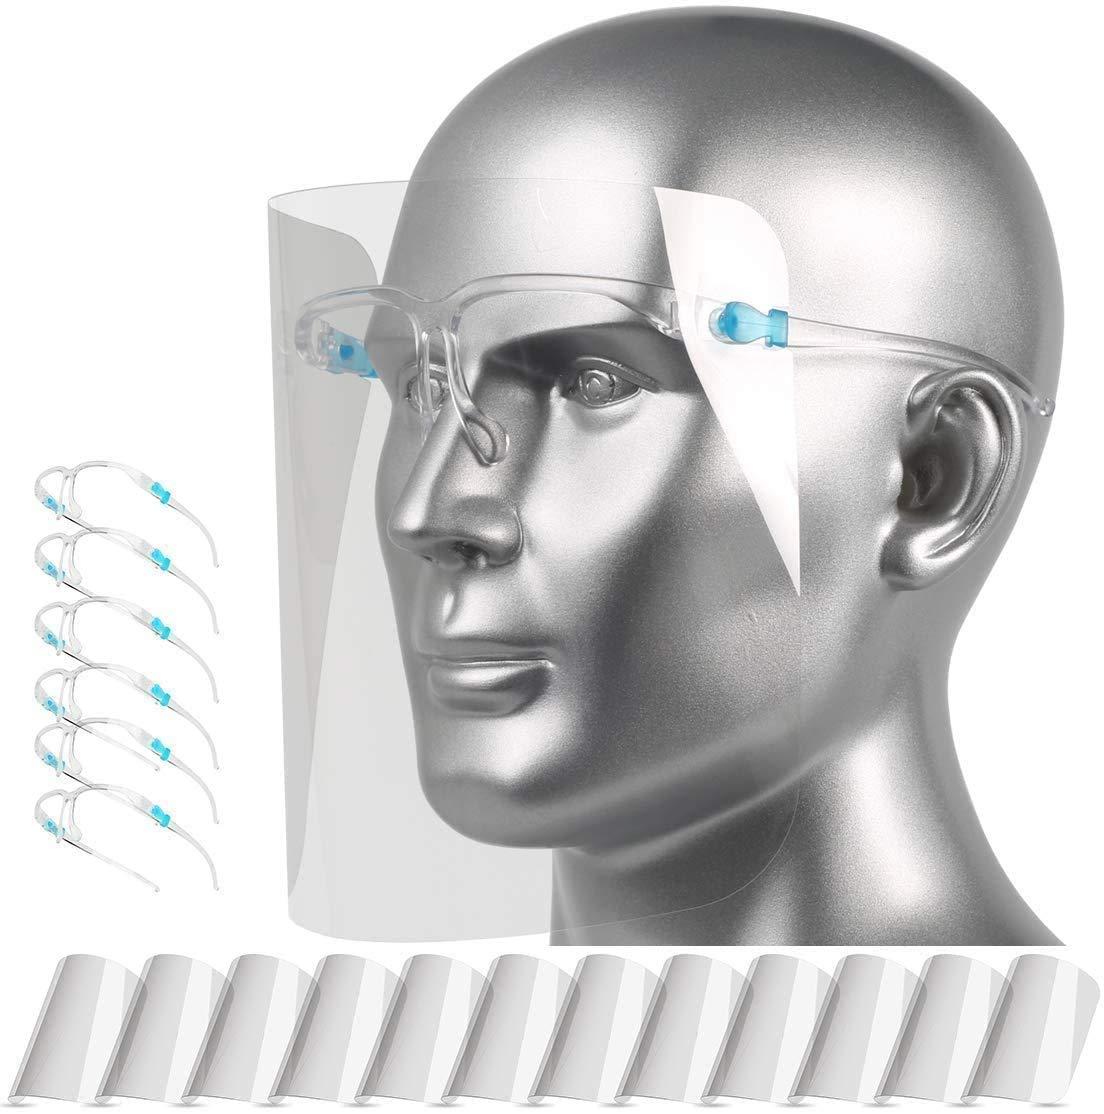 Pantalla Protección Facial Transparente para Adultos y Estudiantes, Visera Protectora Face_Shield_Visor(con 12 viseras reemplazables y 6 monturas de gafas reutilizables),Transparente